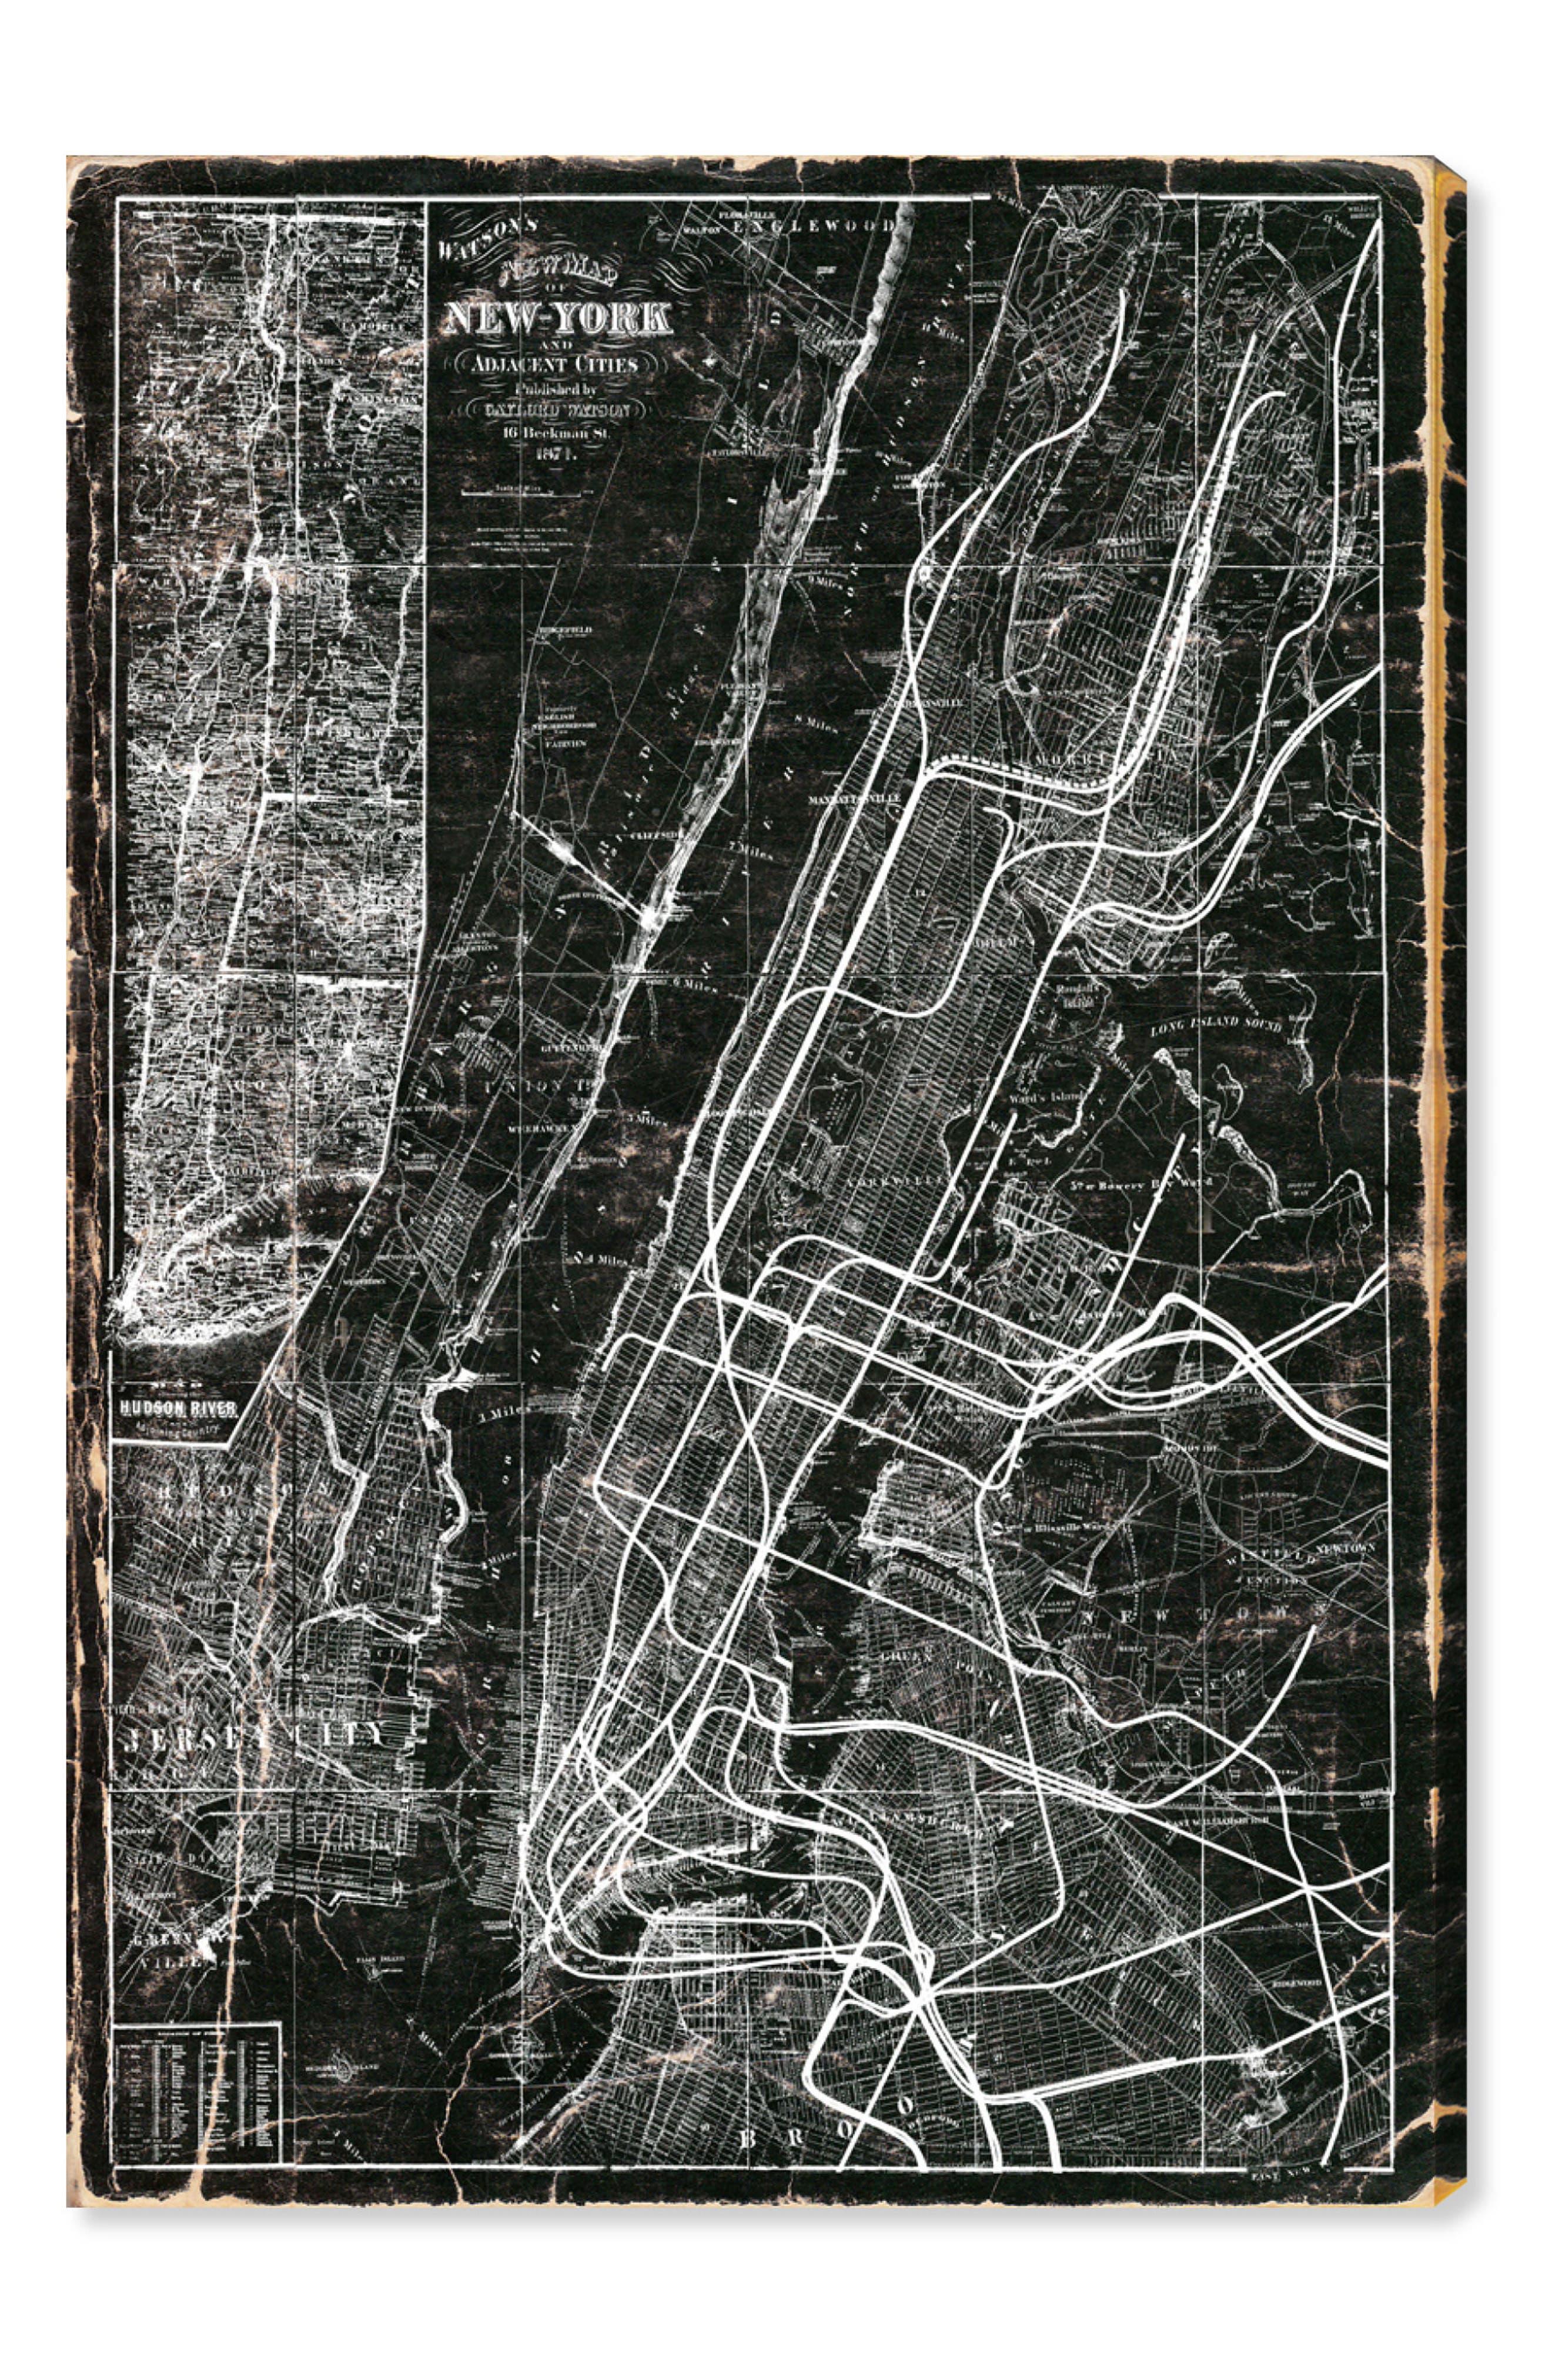 New York Subway Map Canvas Wall Art,                         Main,                         color, Black